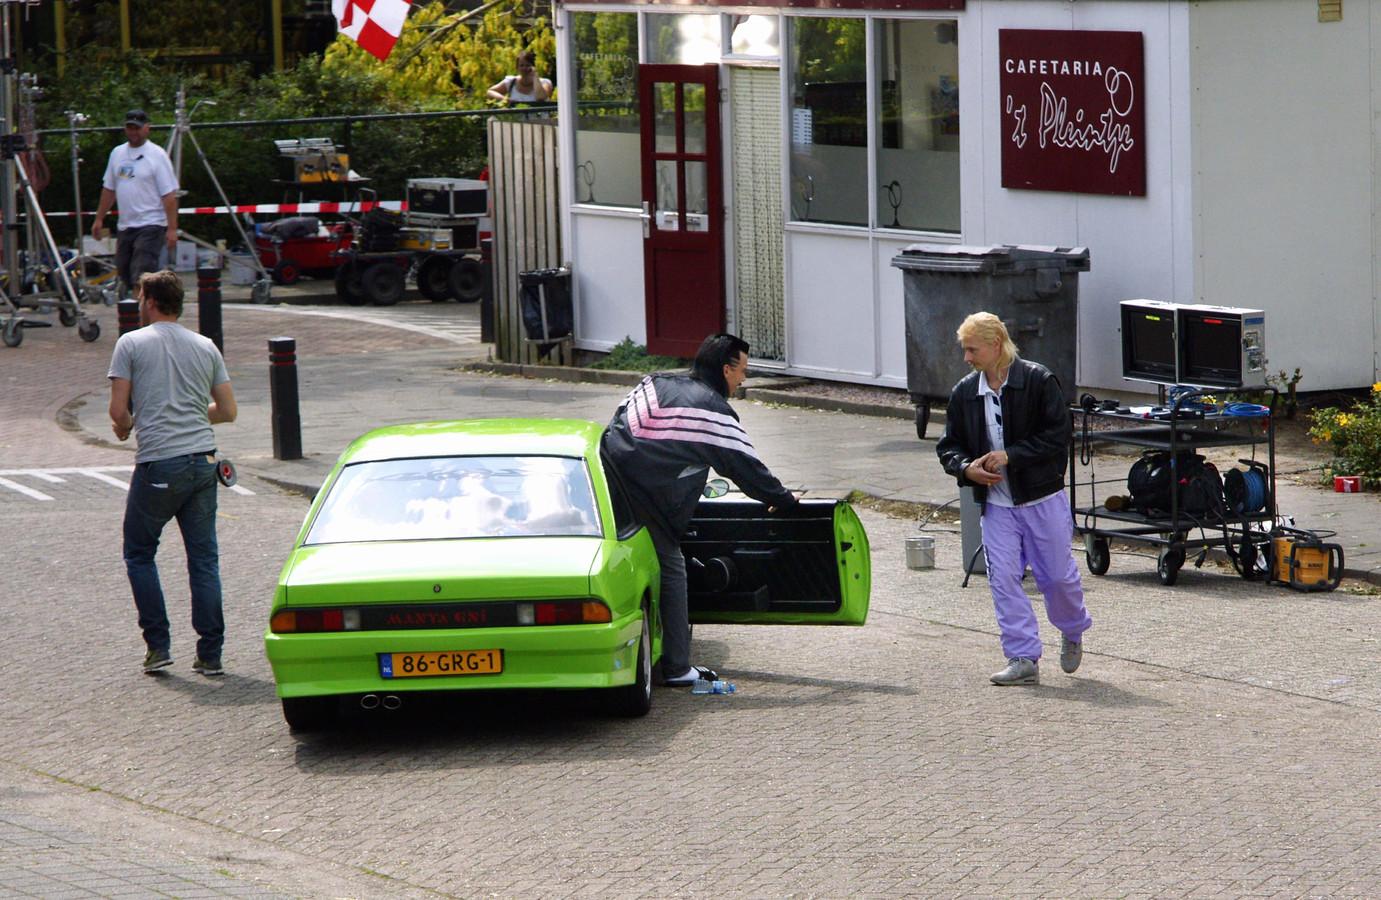 Archieffoto van de opnames van New Kids bij cafetaria 't Pleintje in Den Dungen.